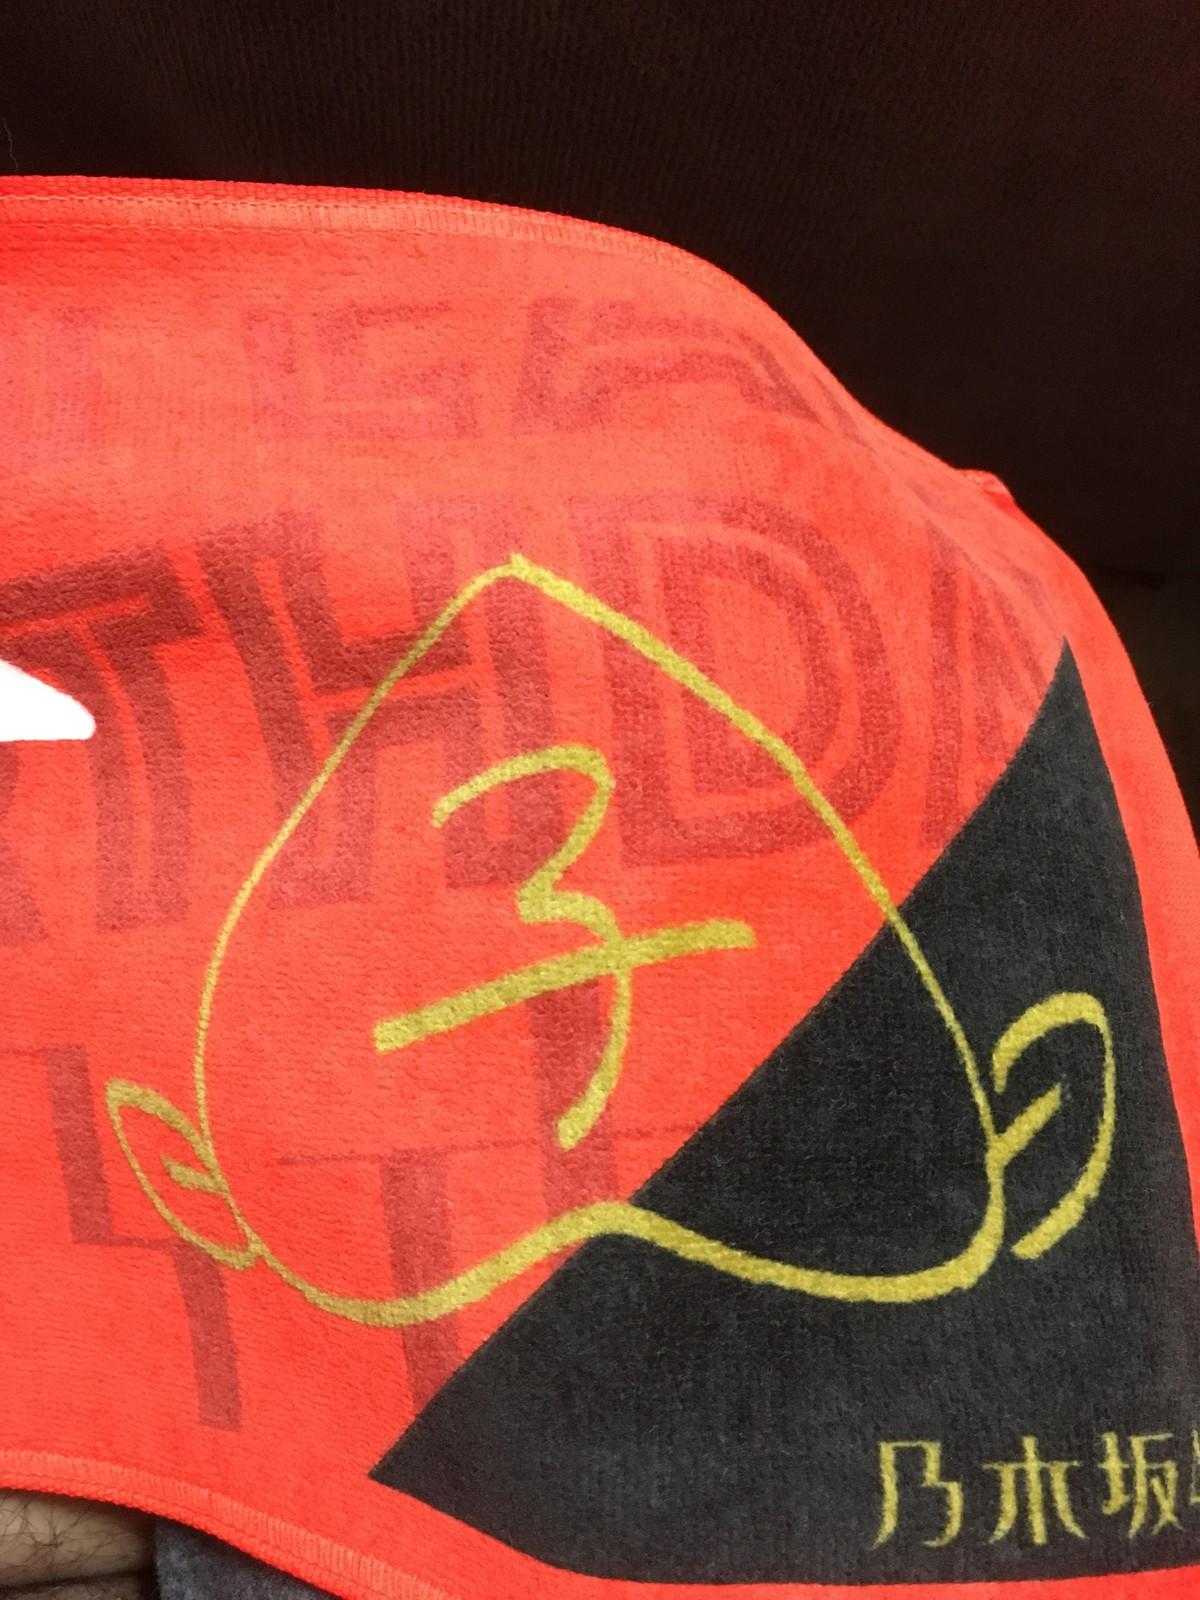 【インフルエンサー】乃木坂46★6032【本スレ】 [無断転載禁止]©2ch.netYouTube動画>1本 ->画像>248枚